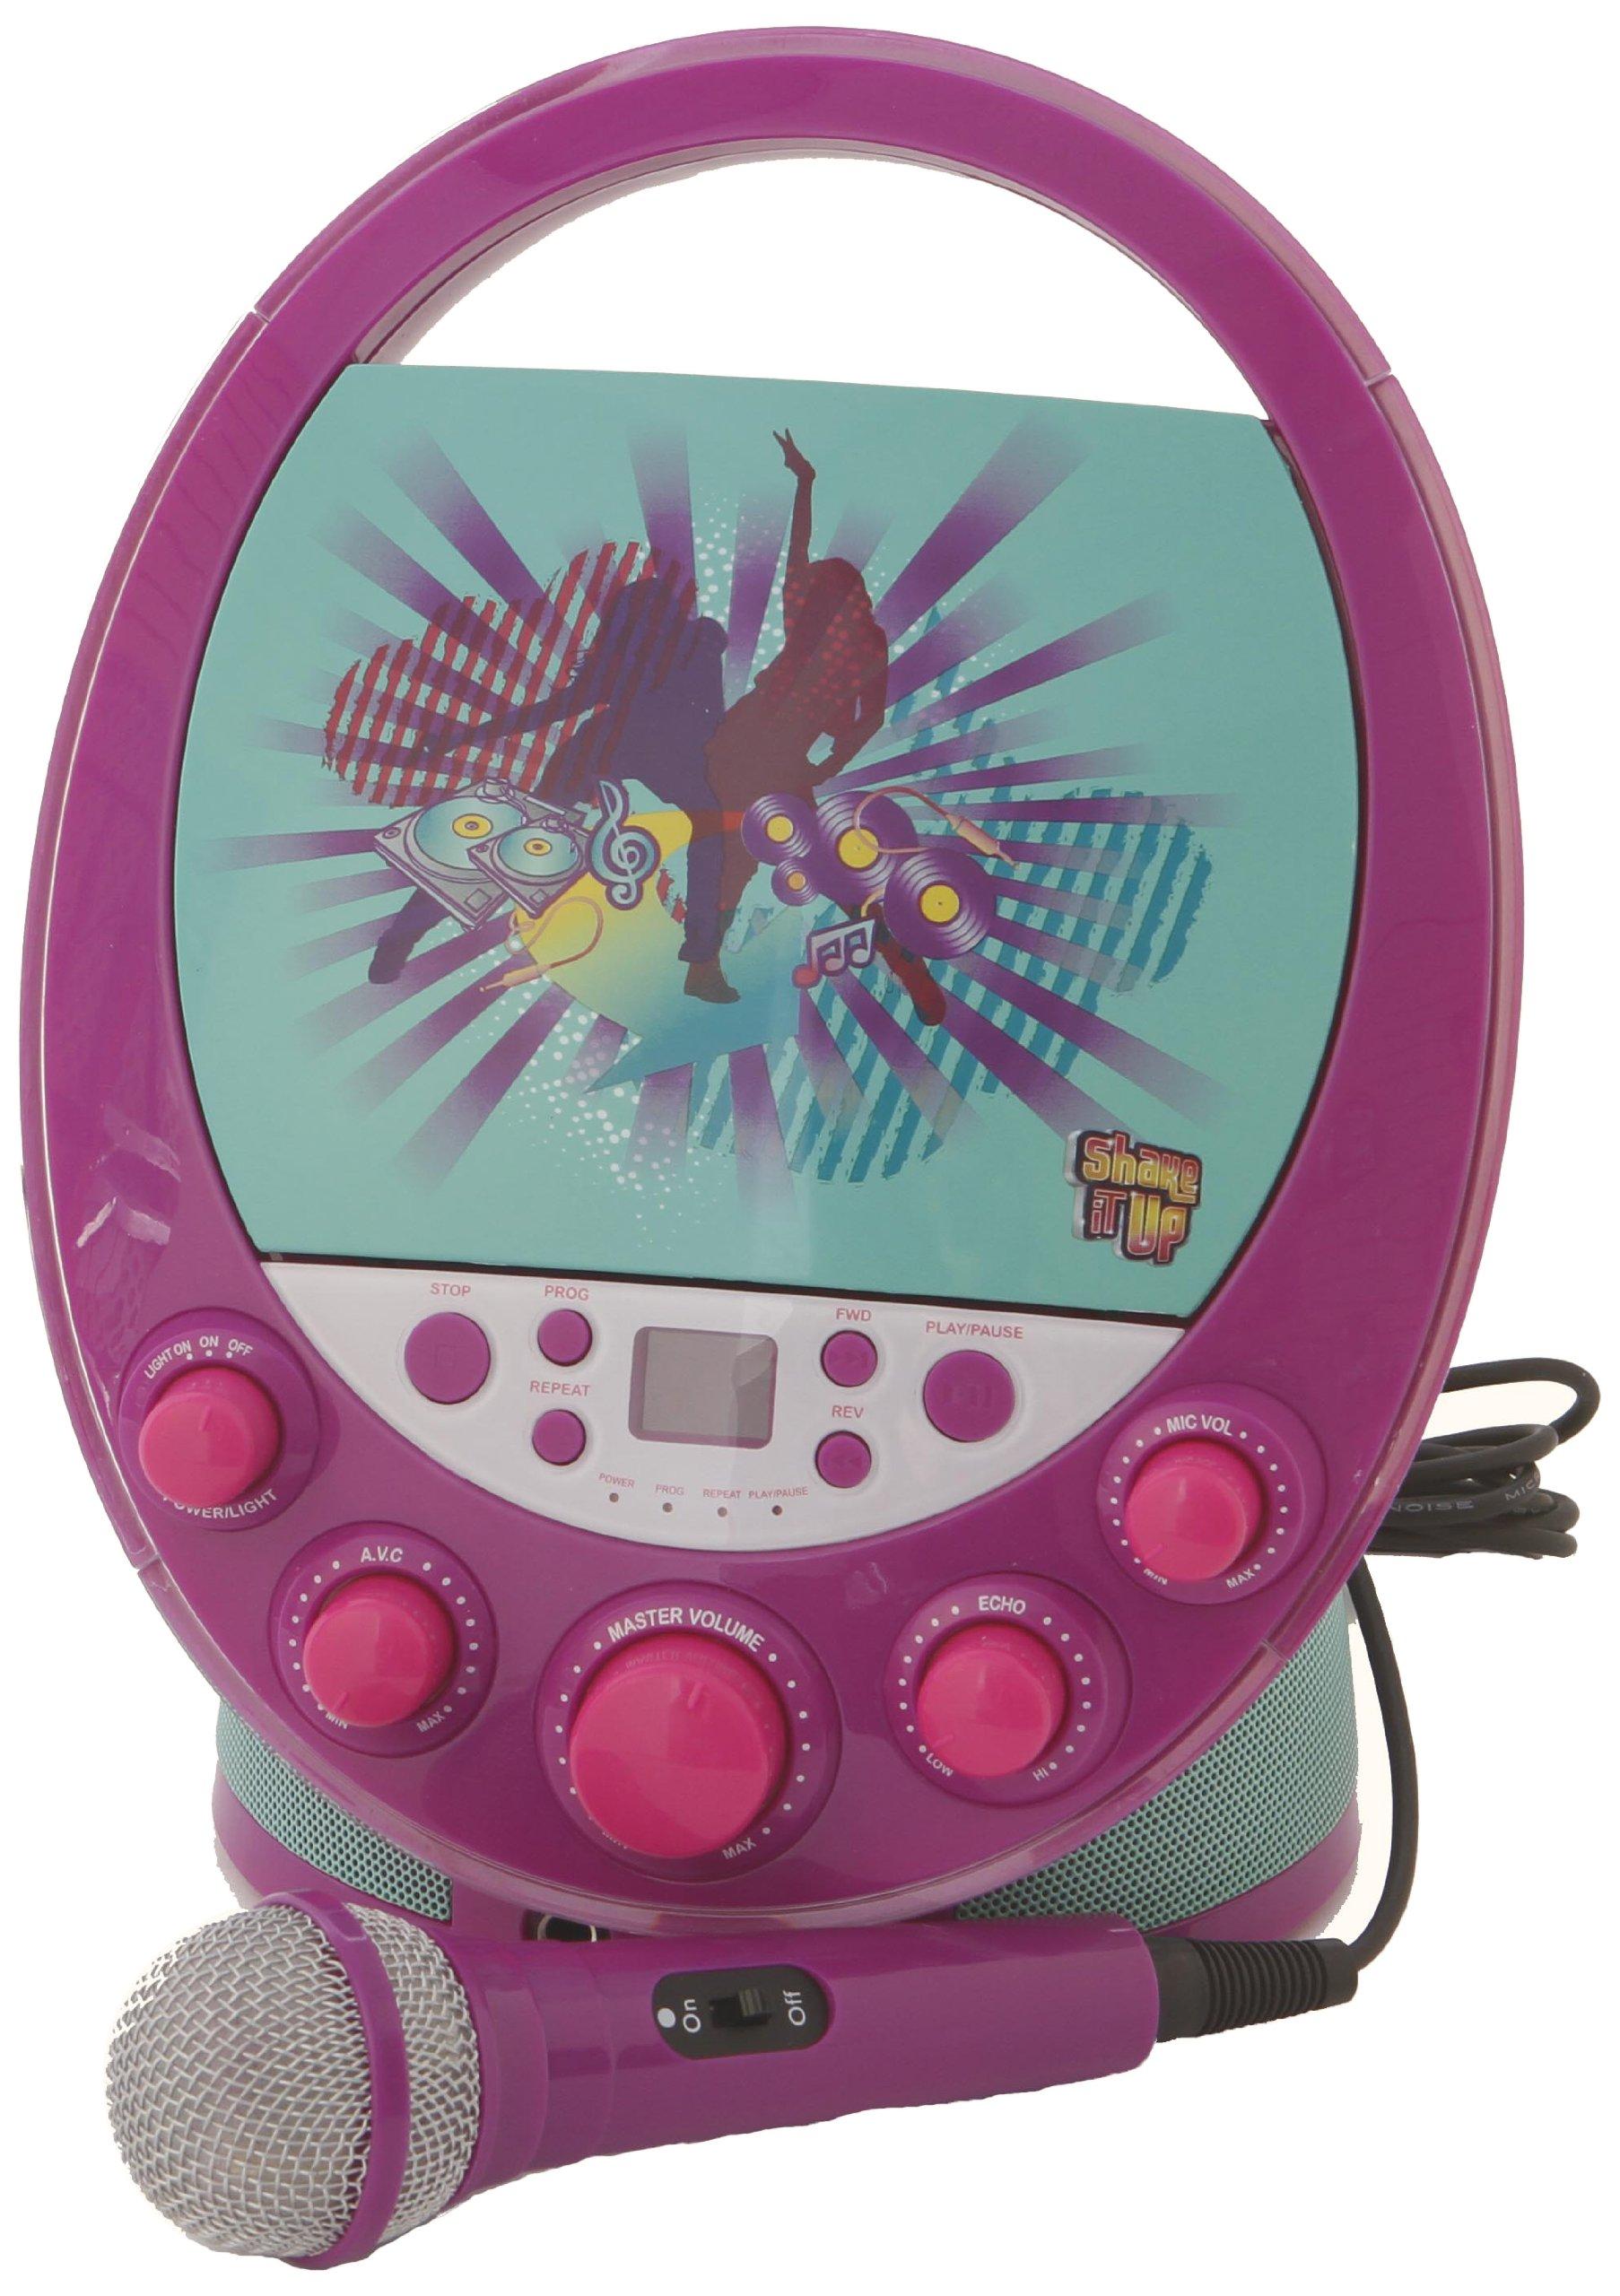 Karaoke System 66014 Shake it Up Karaoke Machine, Purple by Karaoke System (Image #1)